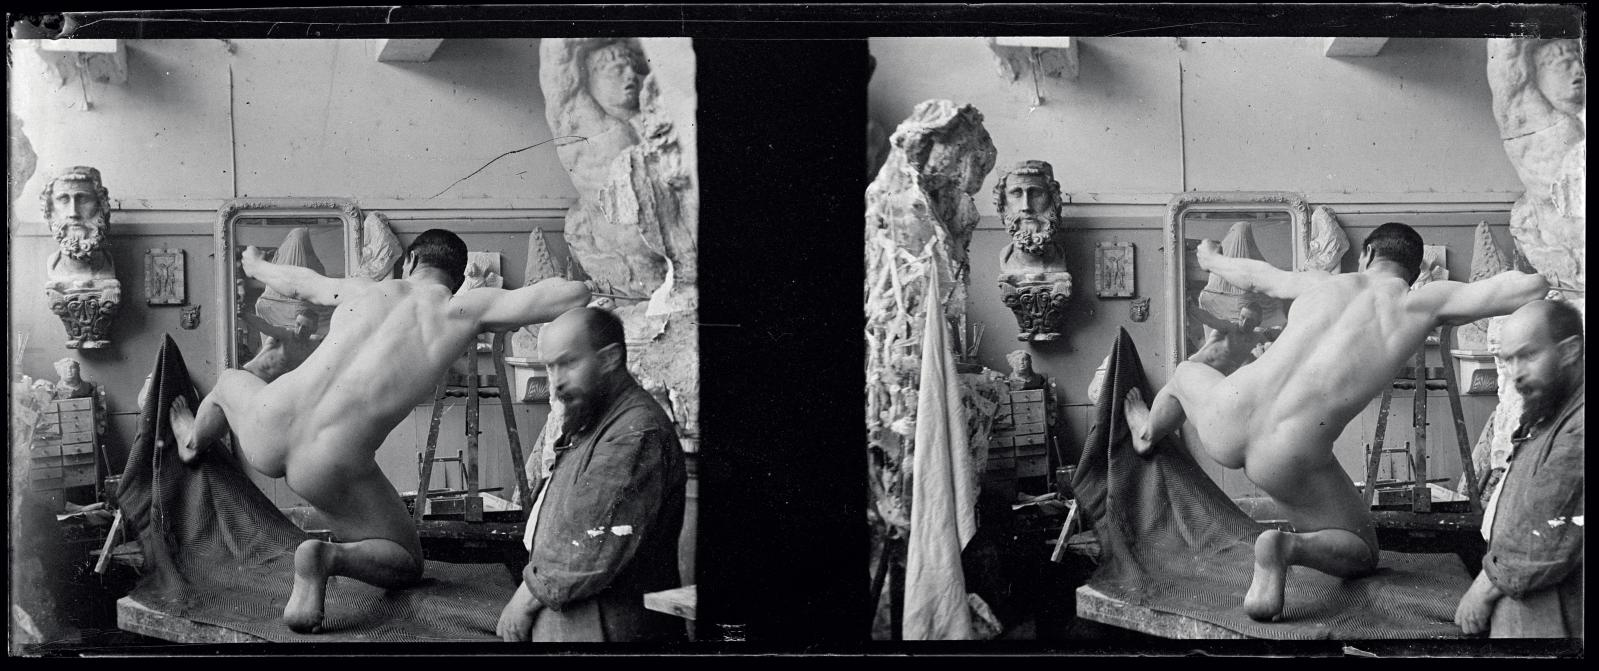 Le commandant Doyen-Parigot posant nu pour Héraklès archer, dans l'atelier de Bourdelle, vers 1909, anonyme, d'après un négatif au gélatino-bromure d'